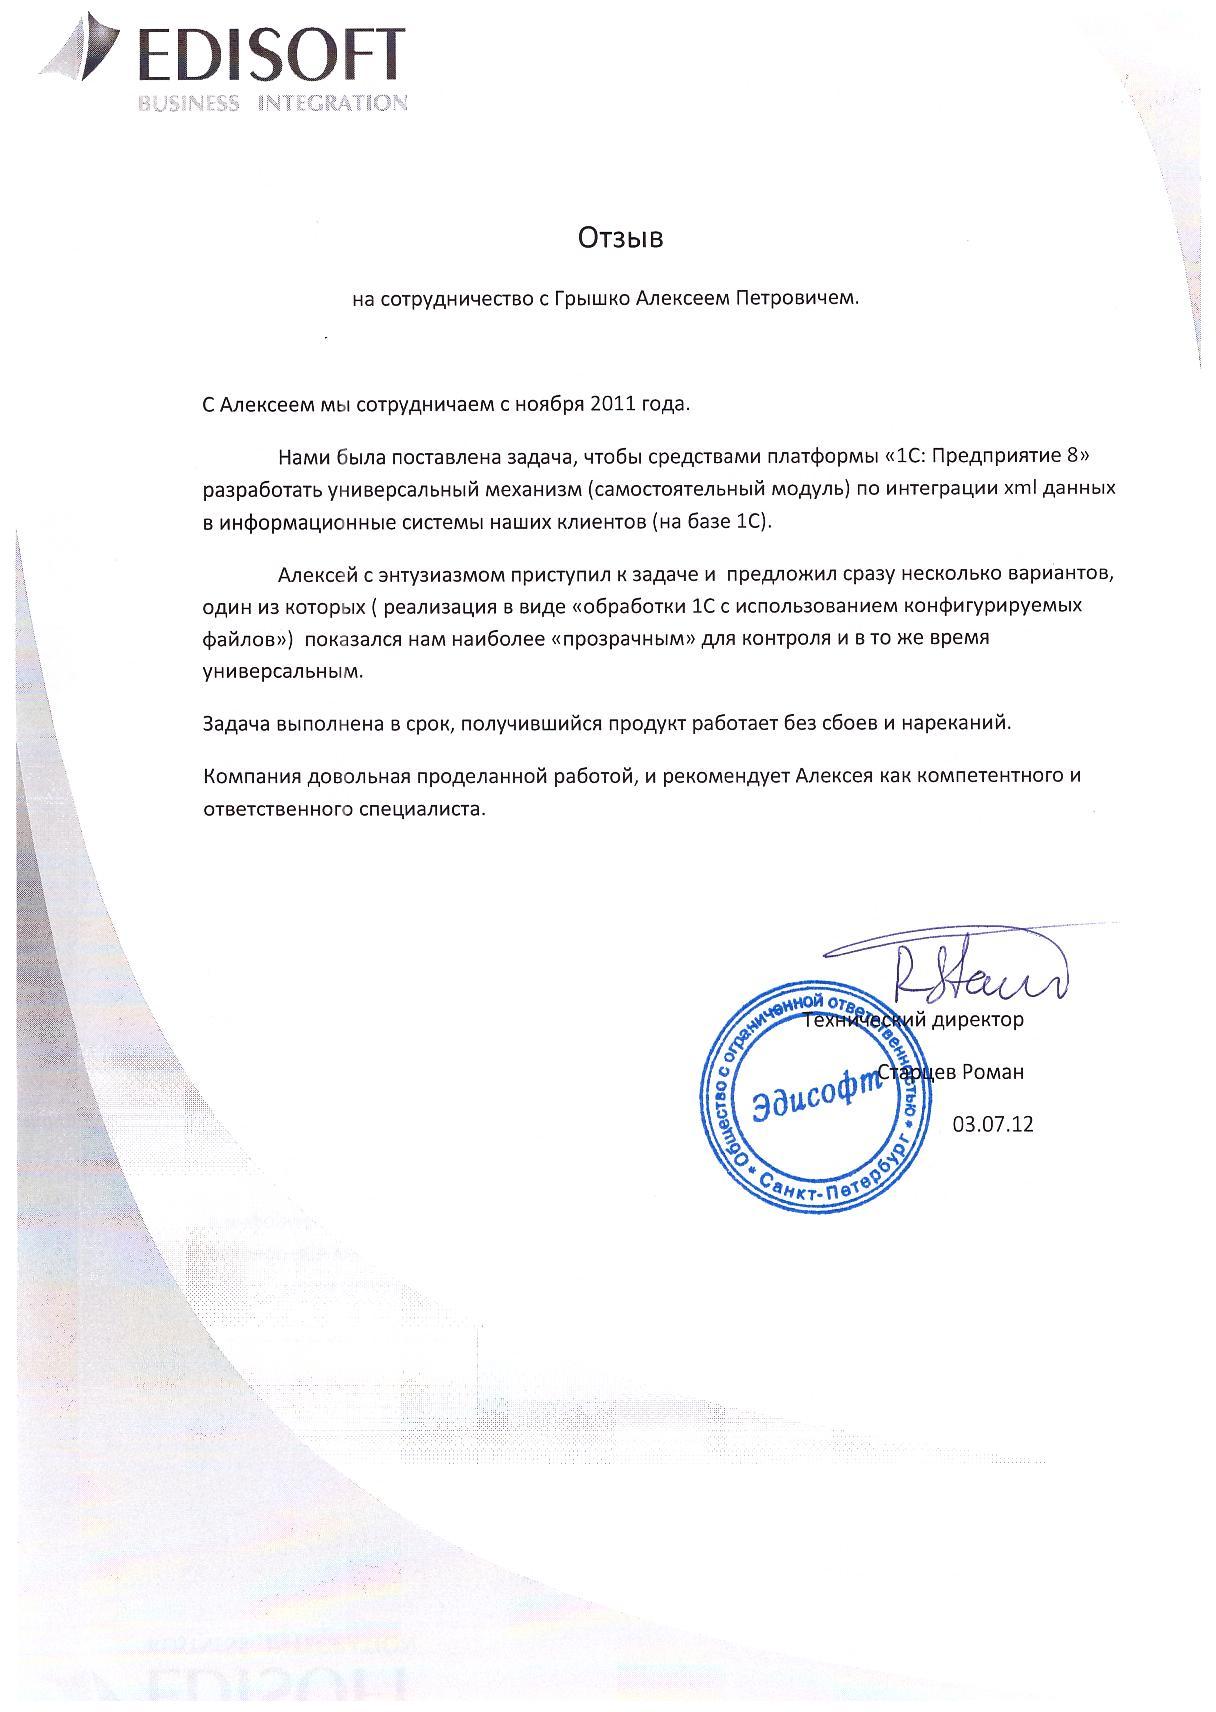 Роман Старцев / ediweb.com